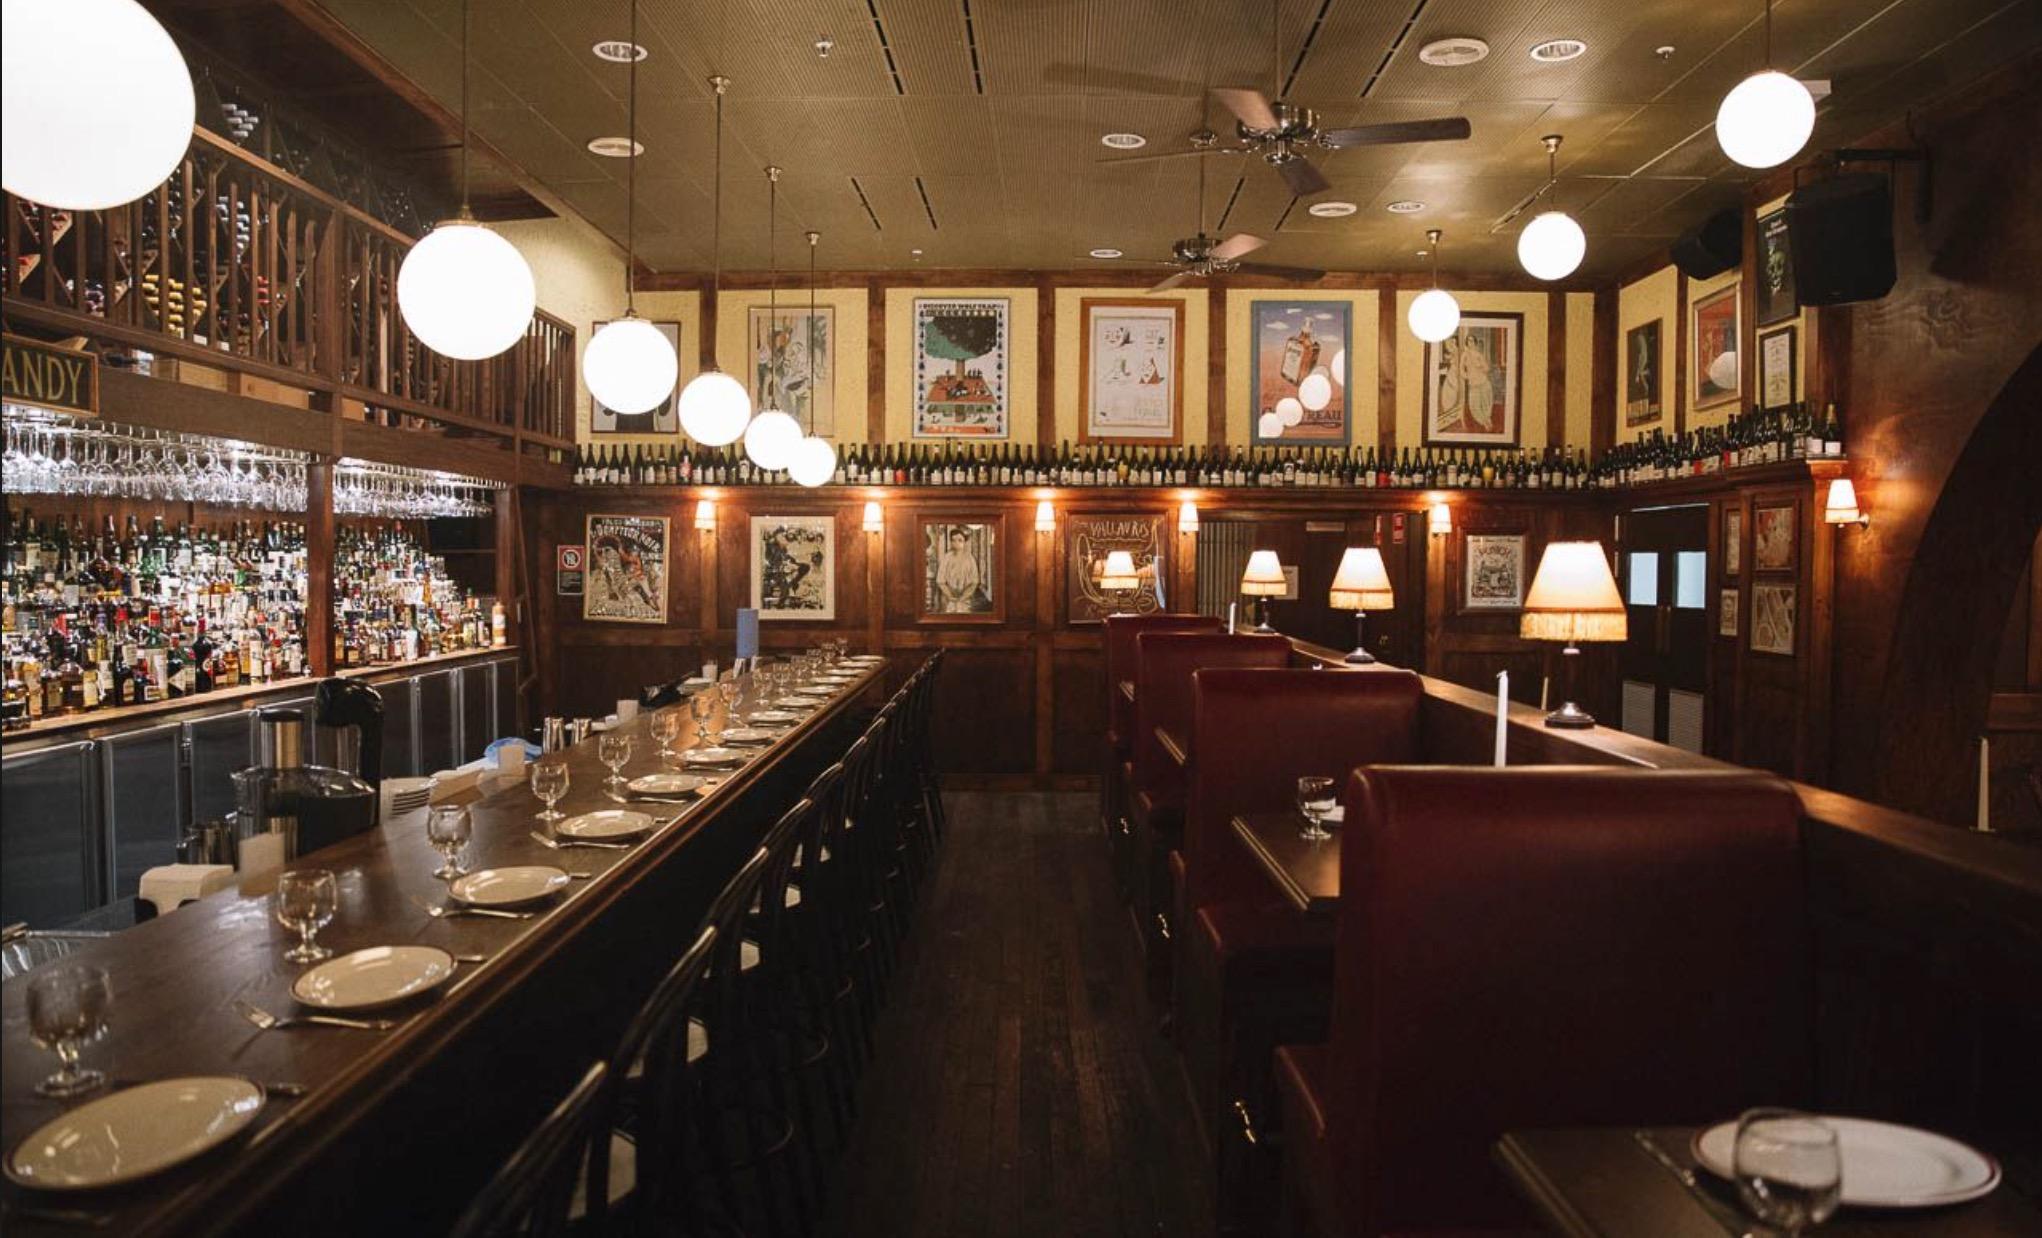 Restaurant Hubert, Sydney - recommended in Where Chefs Eat